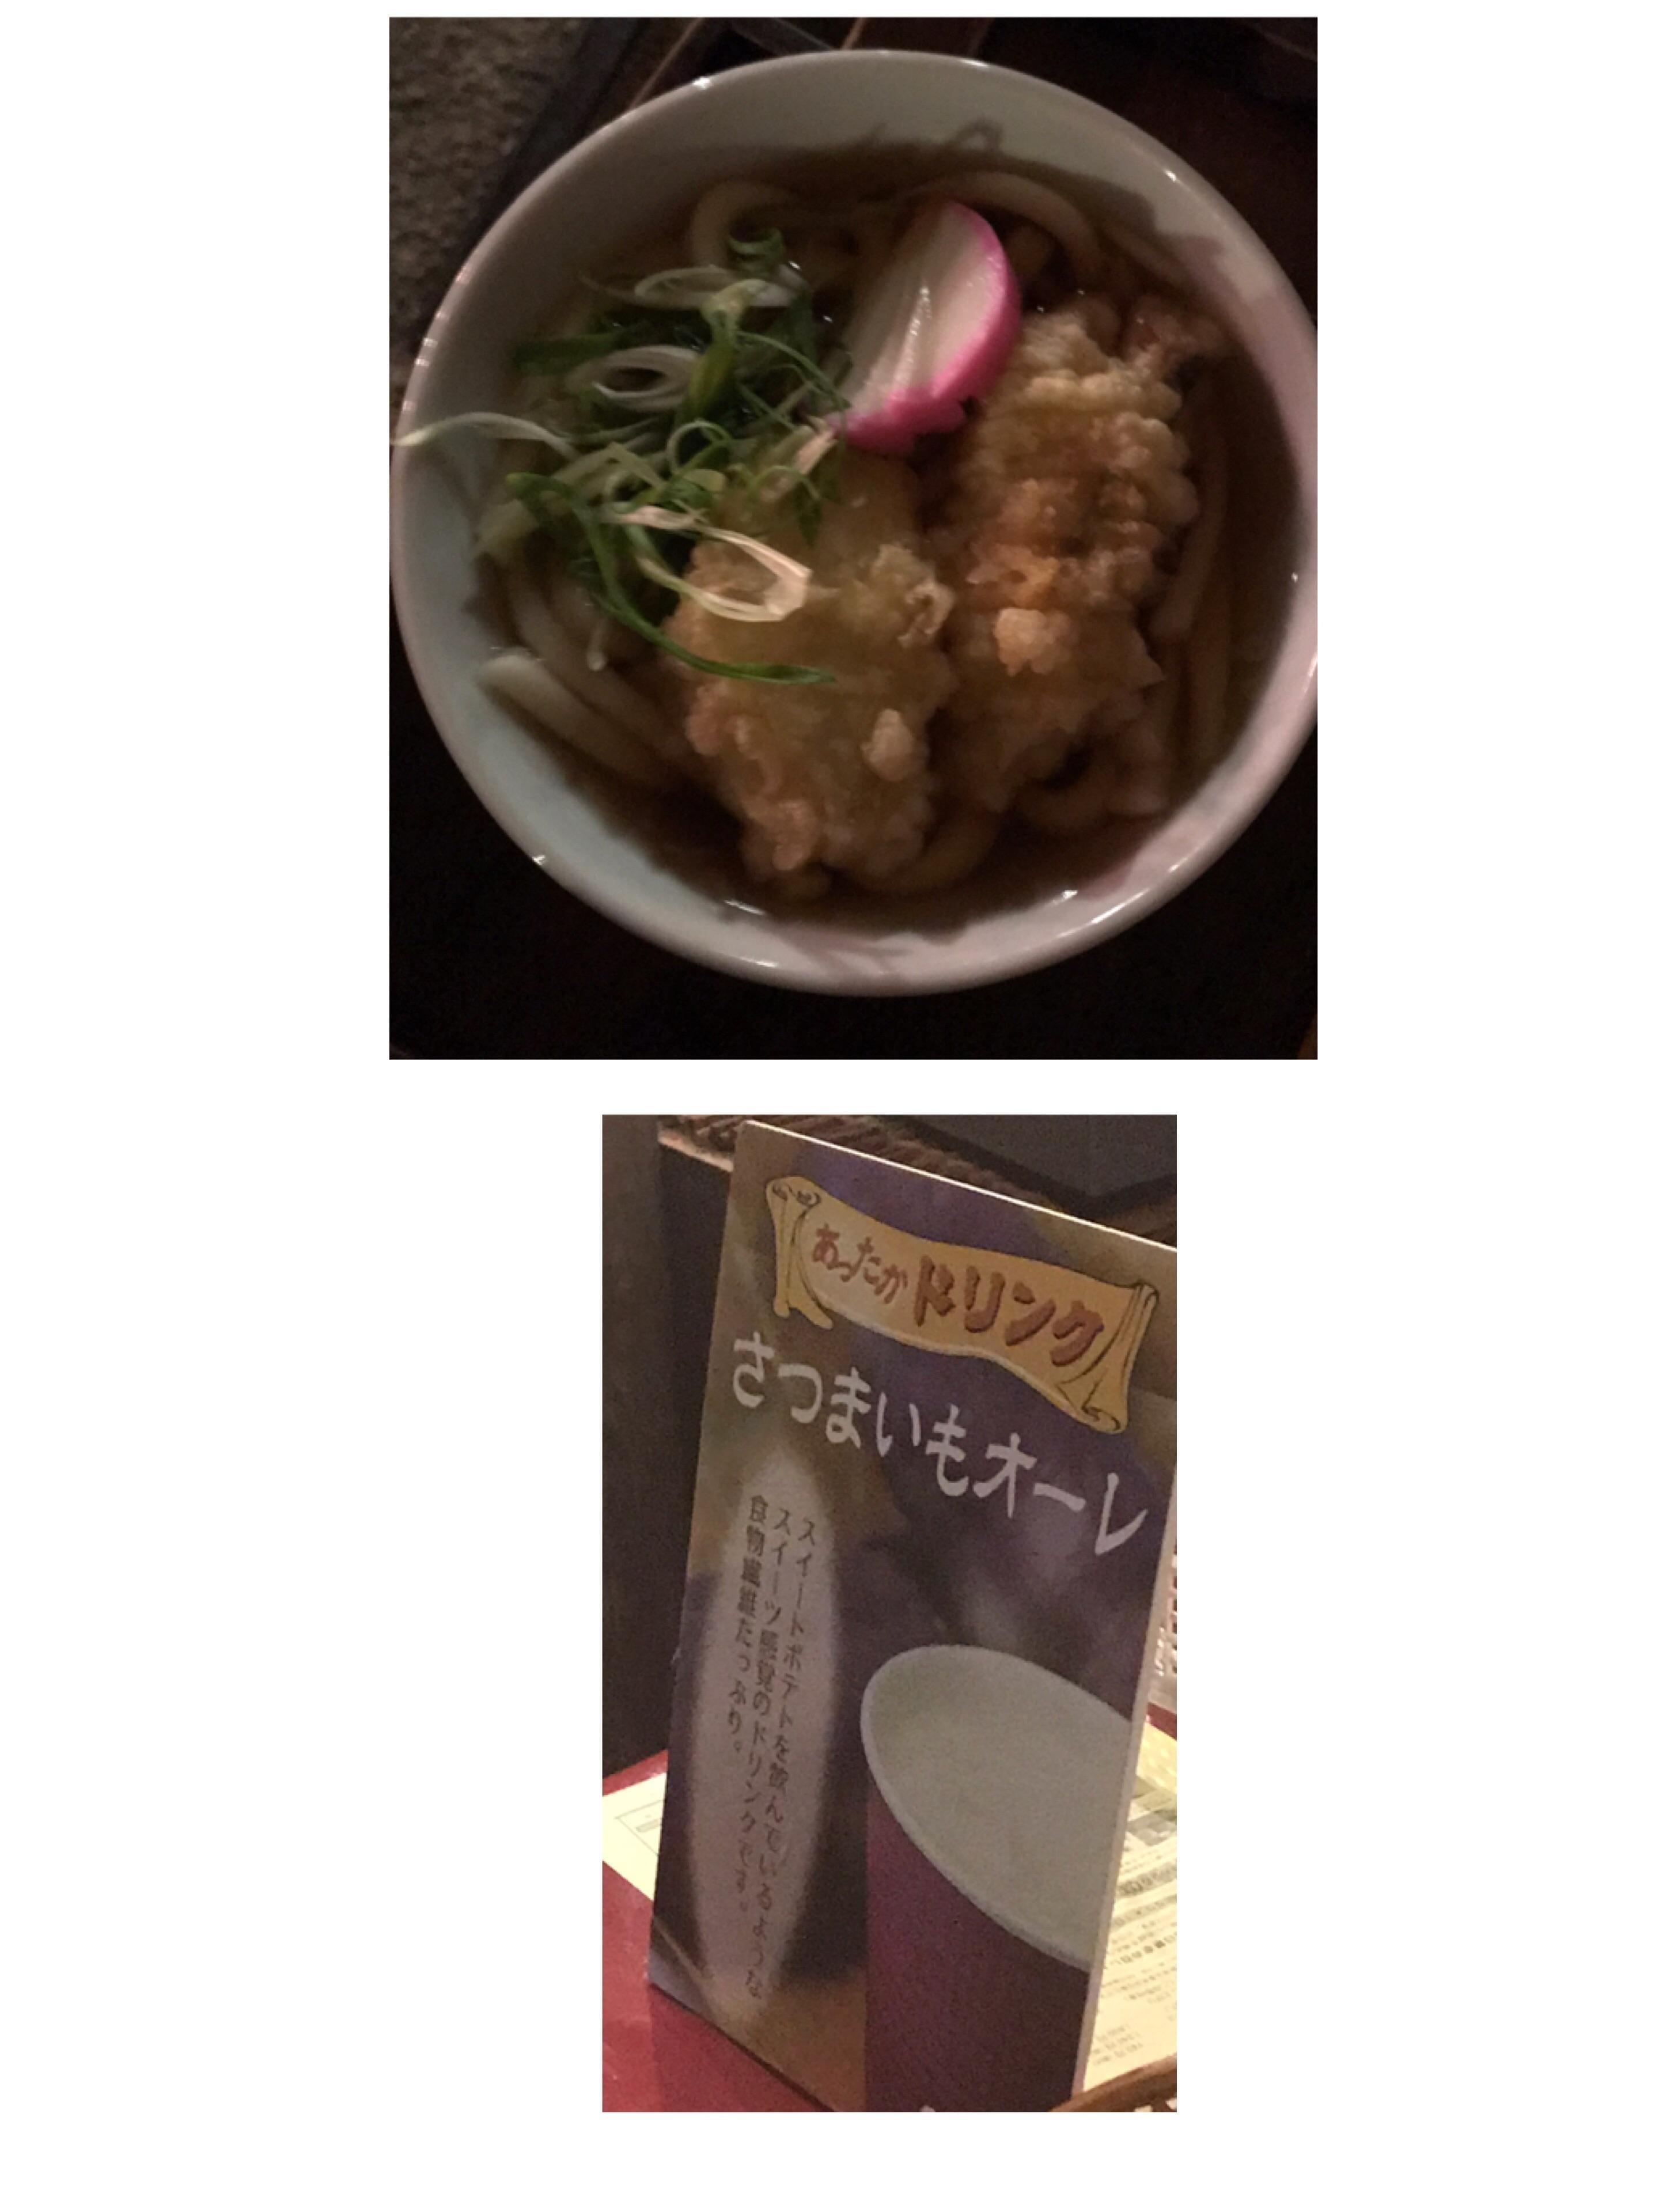 鳥羽(一子)「朔日参り」11/01(木) 17:30 | 鳥羽(一子)の写メ・風俗動画